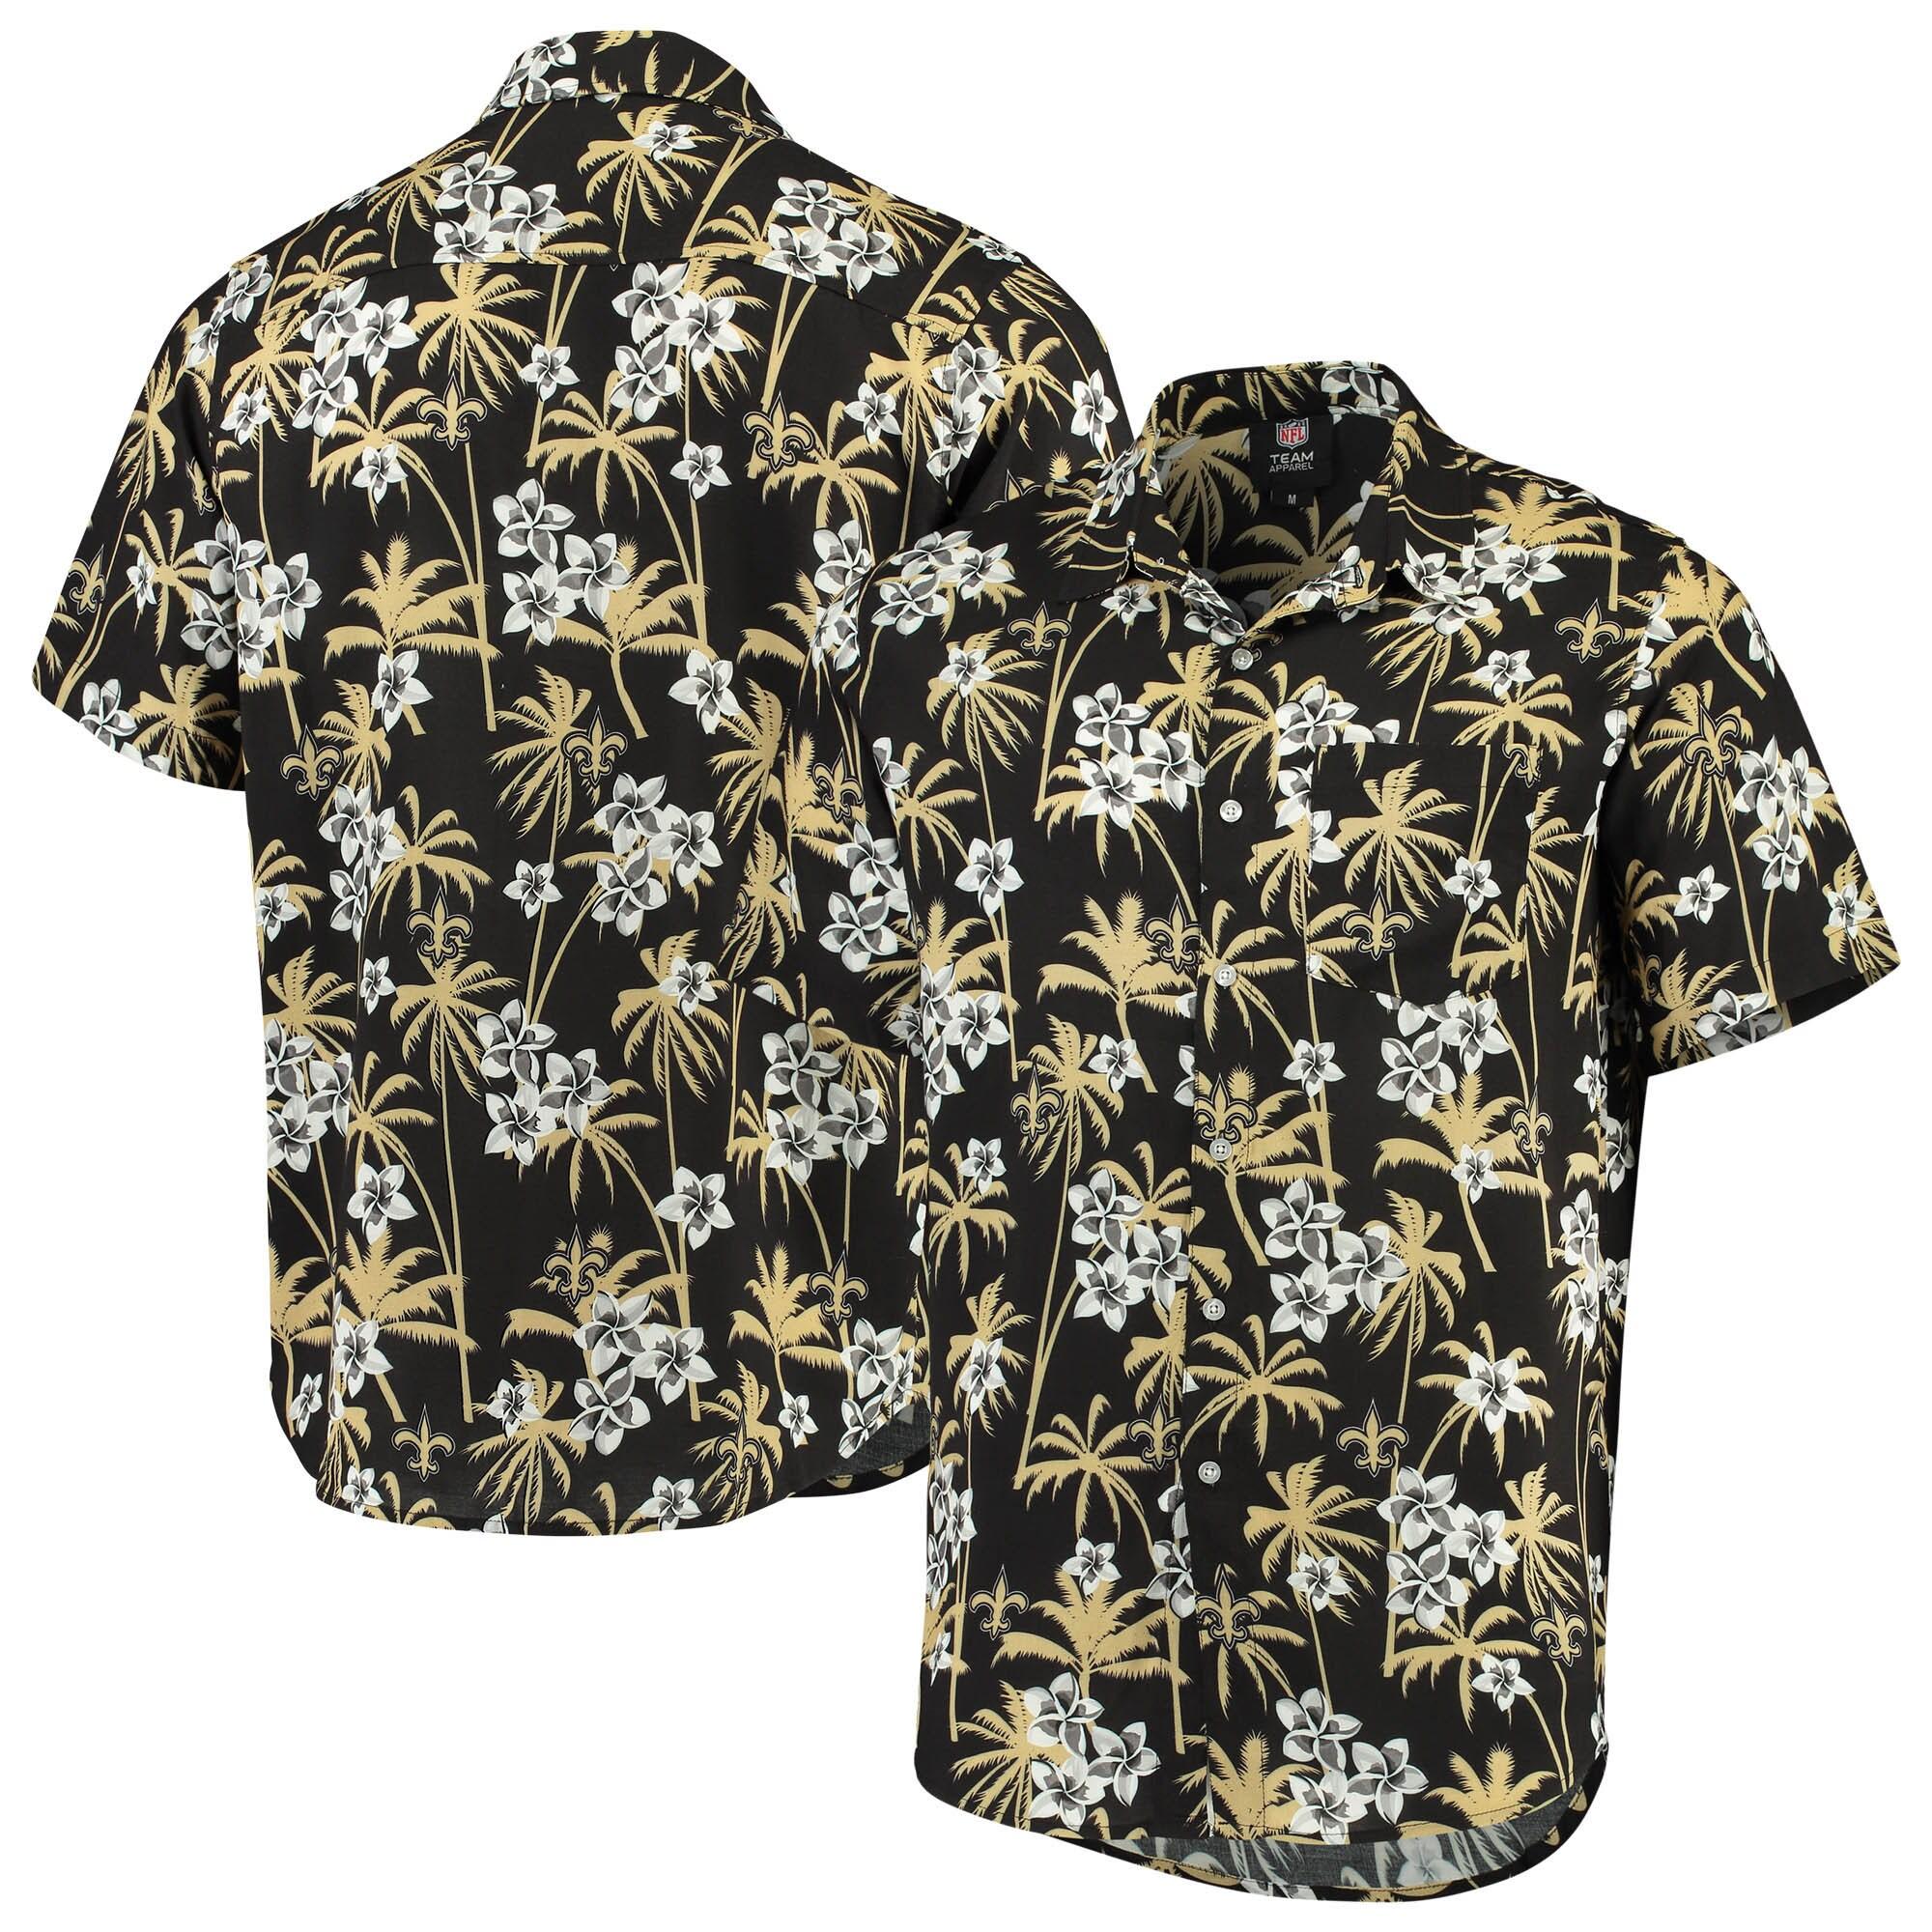 New Orleans Saints Floral Woven Button-Up Shirt - Black